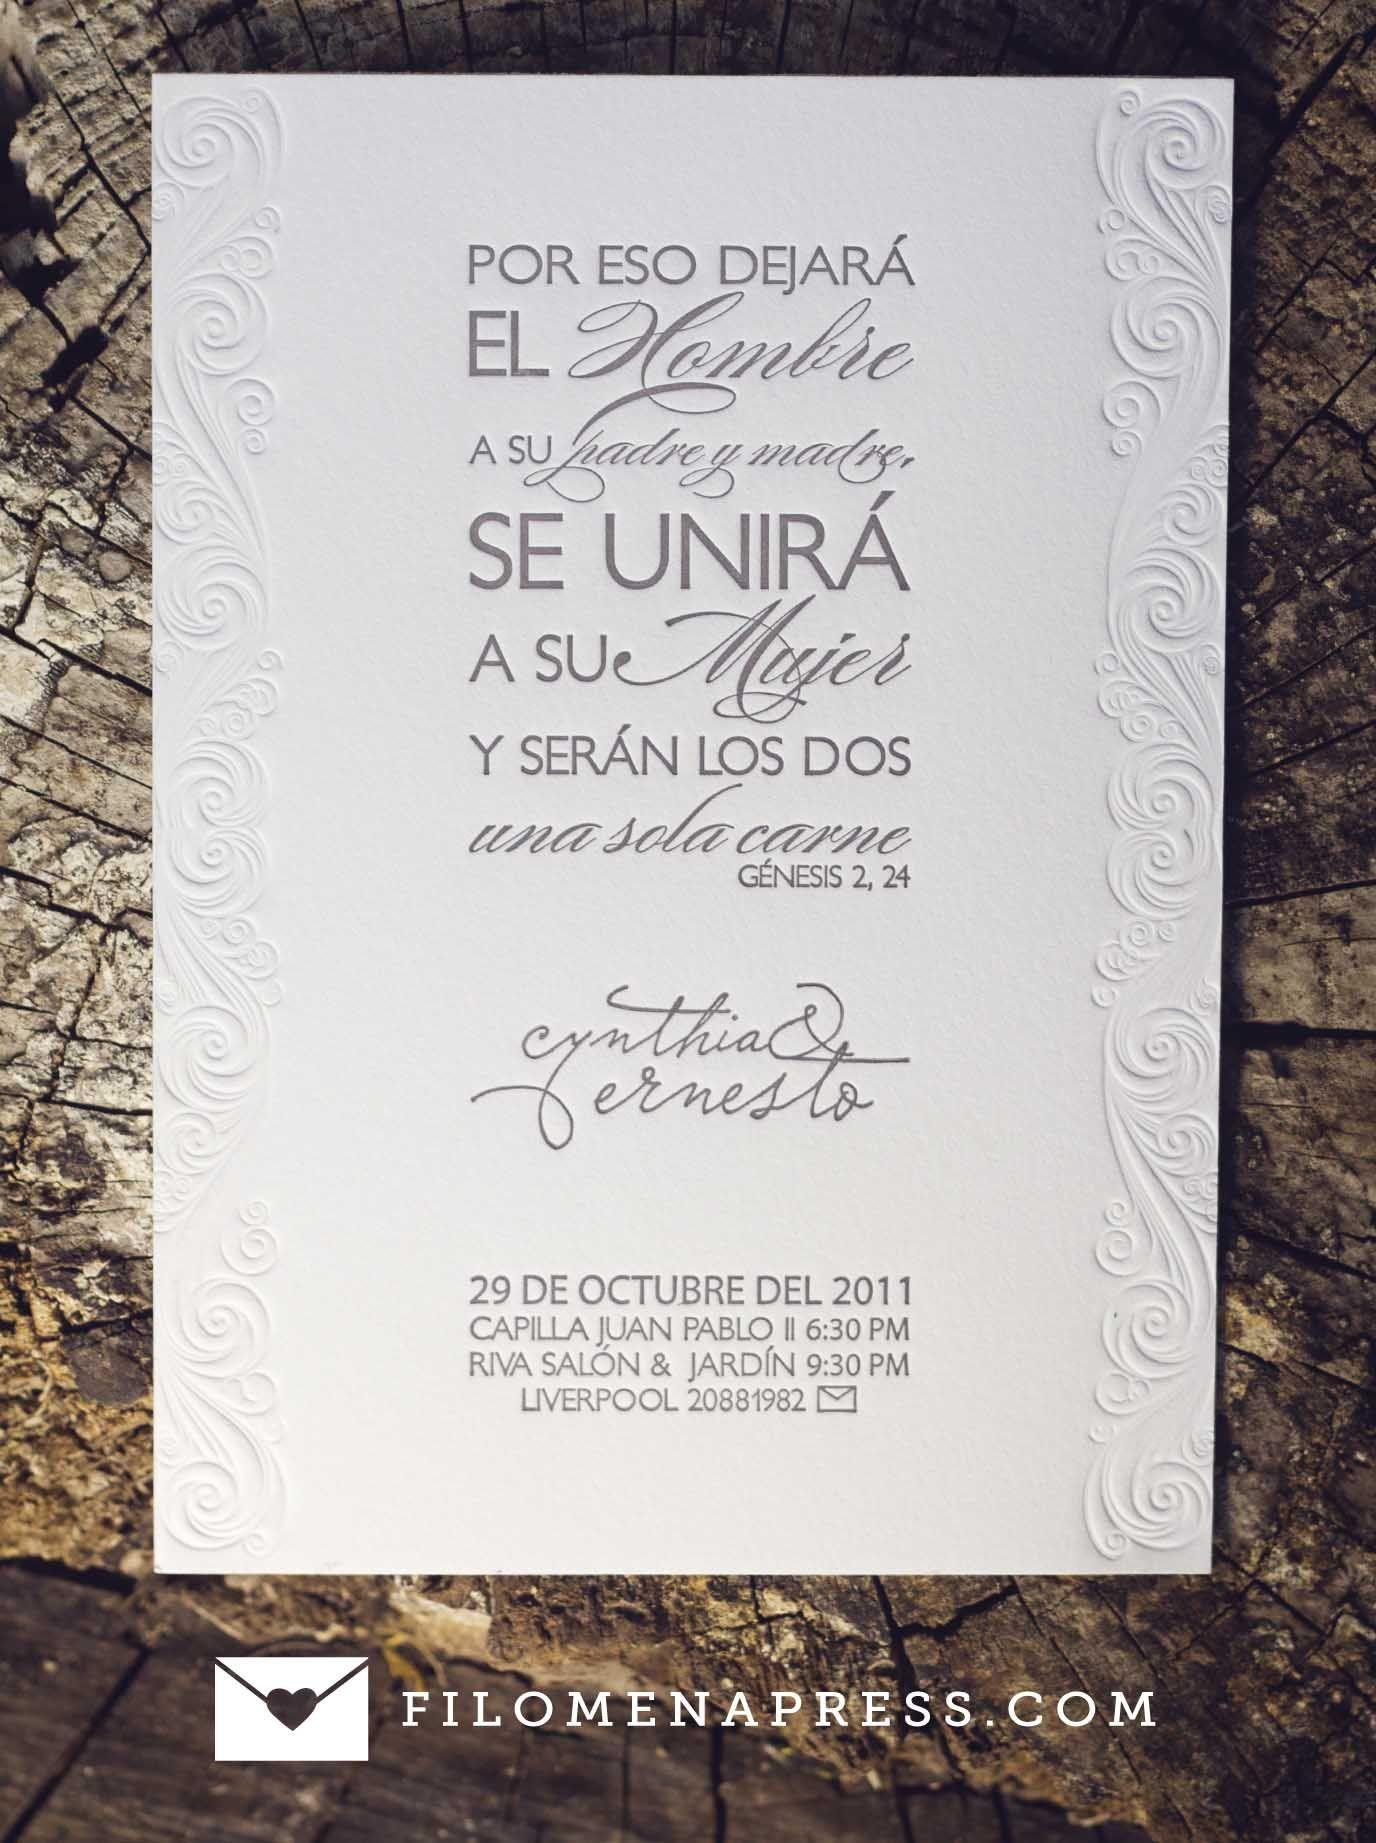 Filomena | Texto invitaciones de boda, Invitacion boda originales,  Invitaciones de boda divertidas